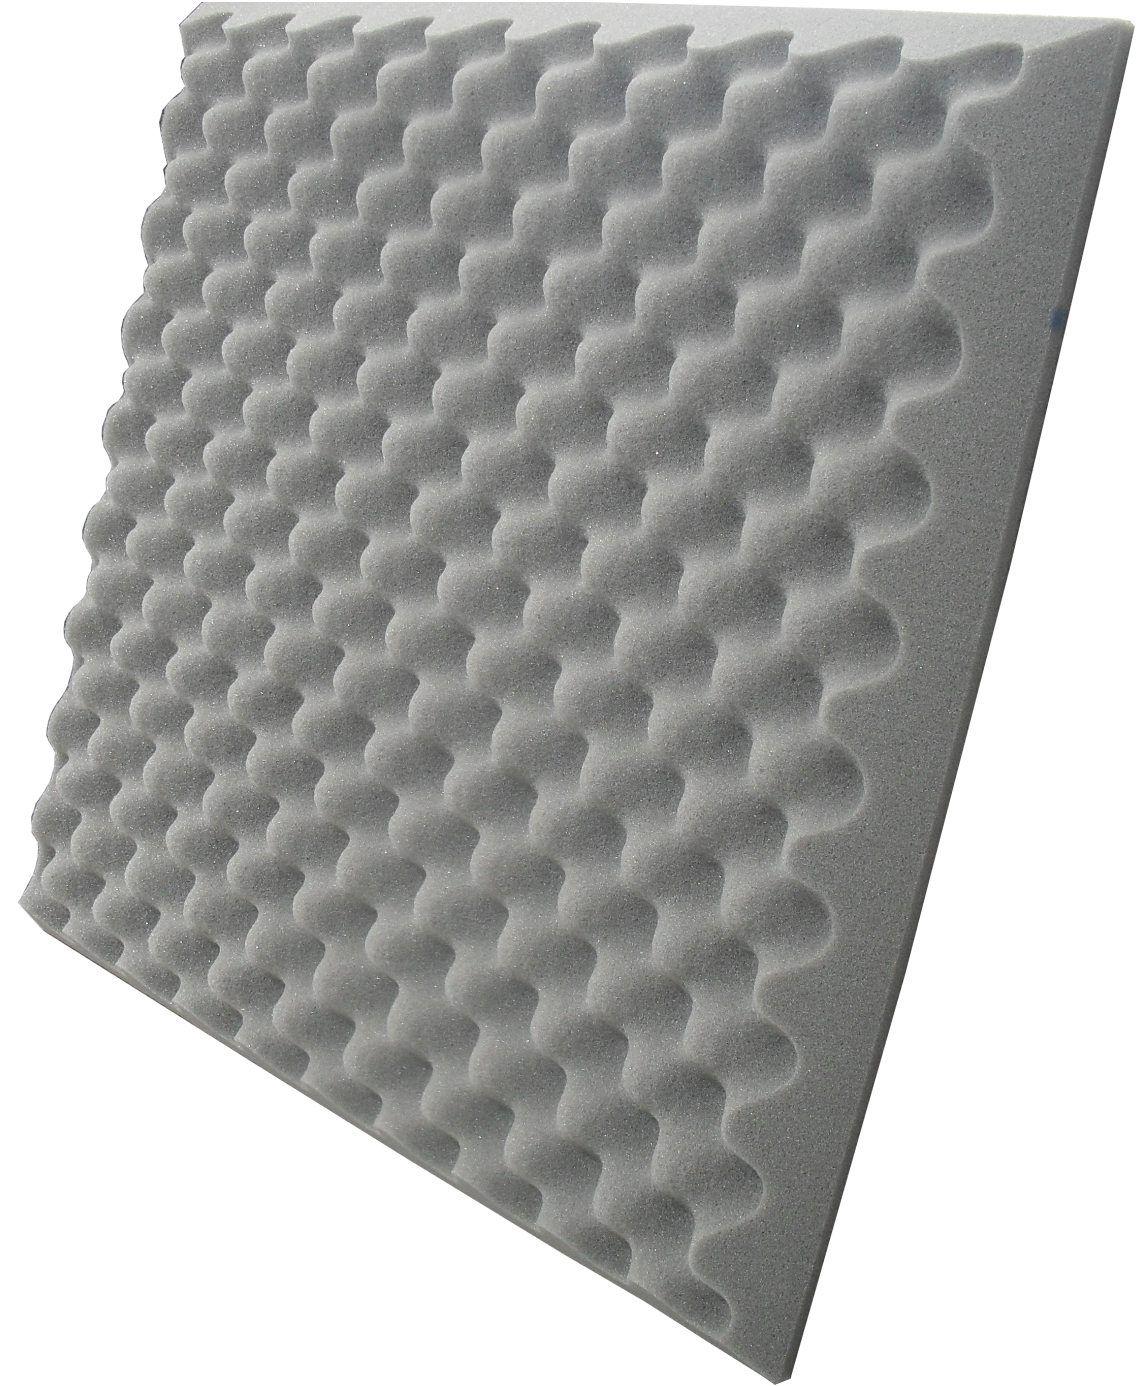 Espuma acústica perfilada - Kit 4 peças - 50mm - (1m²)  - Loja SPL Acústica